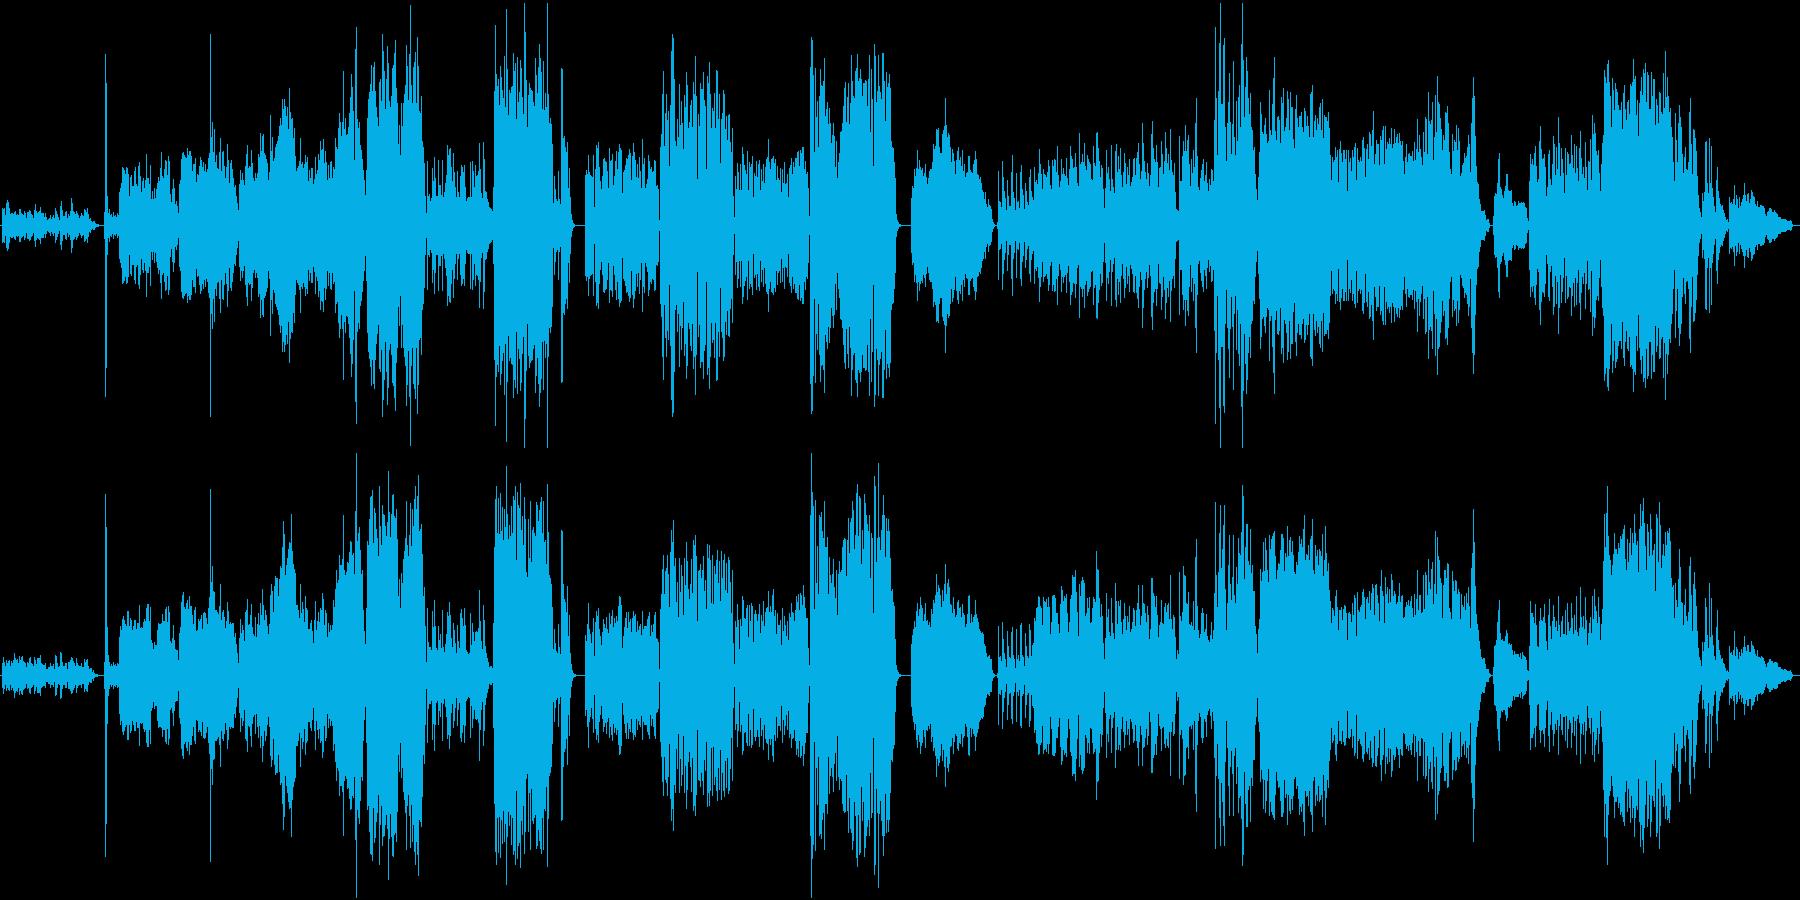 ギターとオーケストラのための協奏曲の再生済みの波形